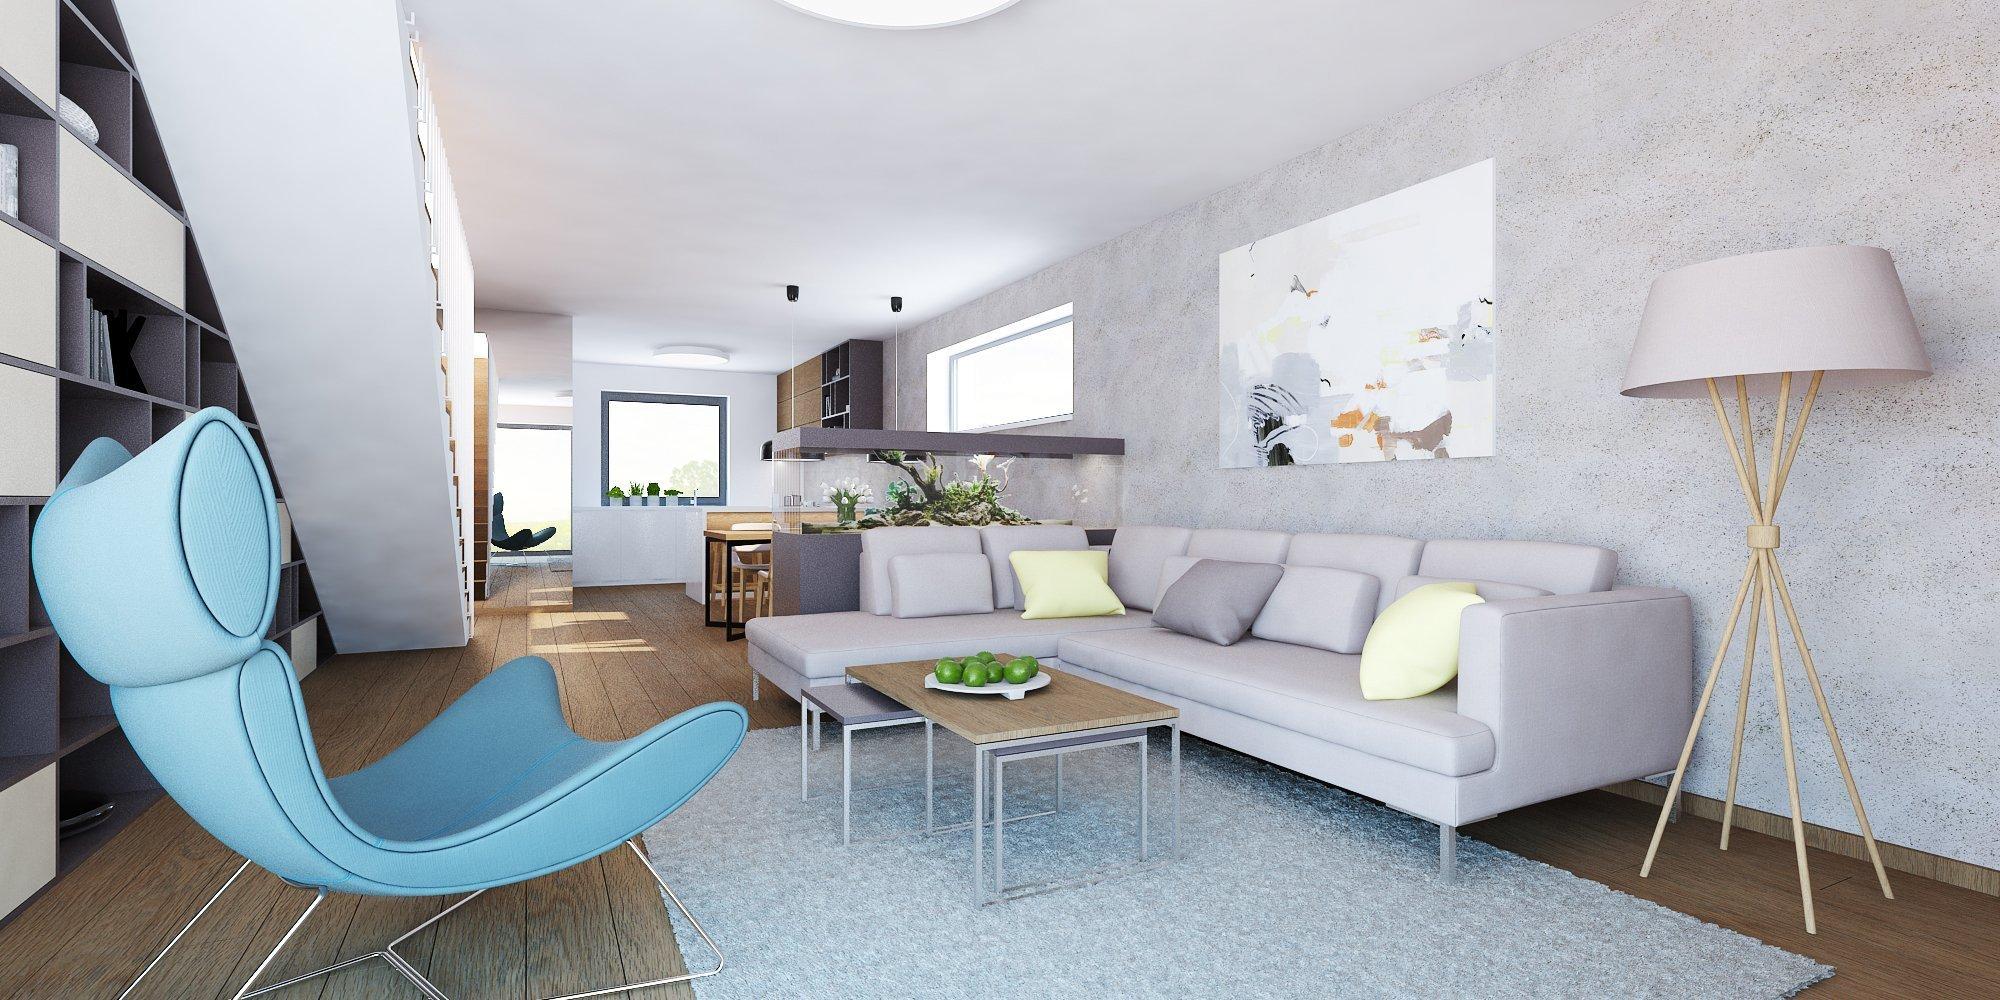 Minimalistický a priestranný interiér rodinného domu v Nitre s originálnymi solitérmi pôsobí harmonicky a čisto. Pri návrhu farebného konceptu sme vychádzali z…